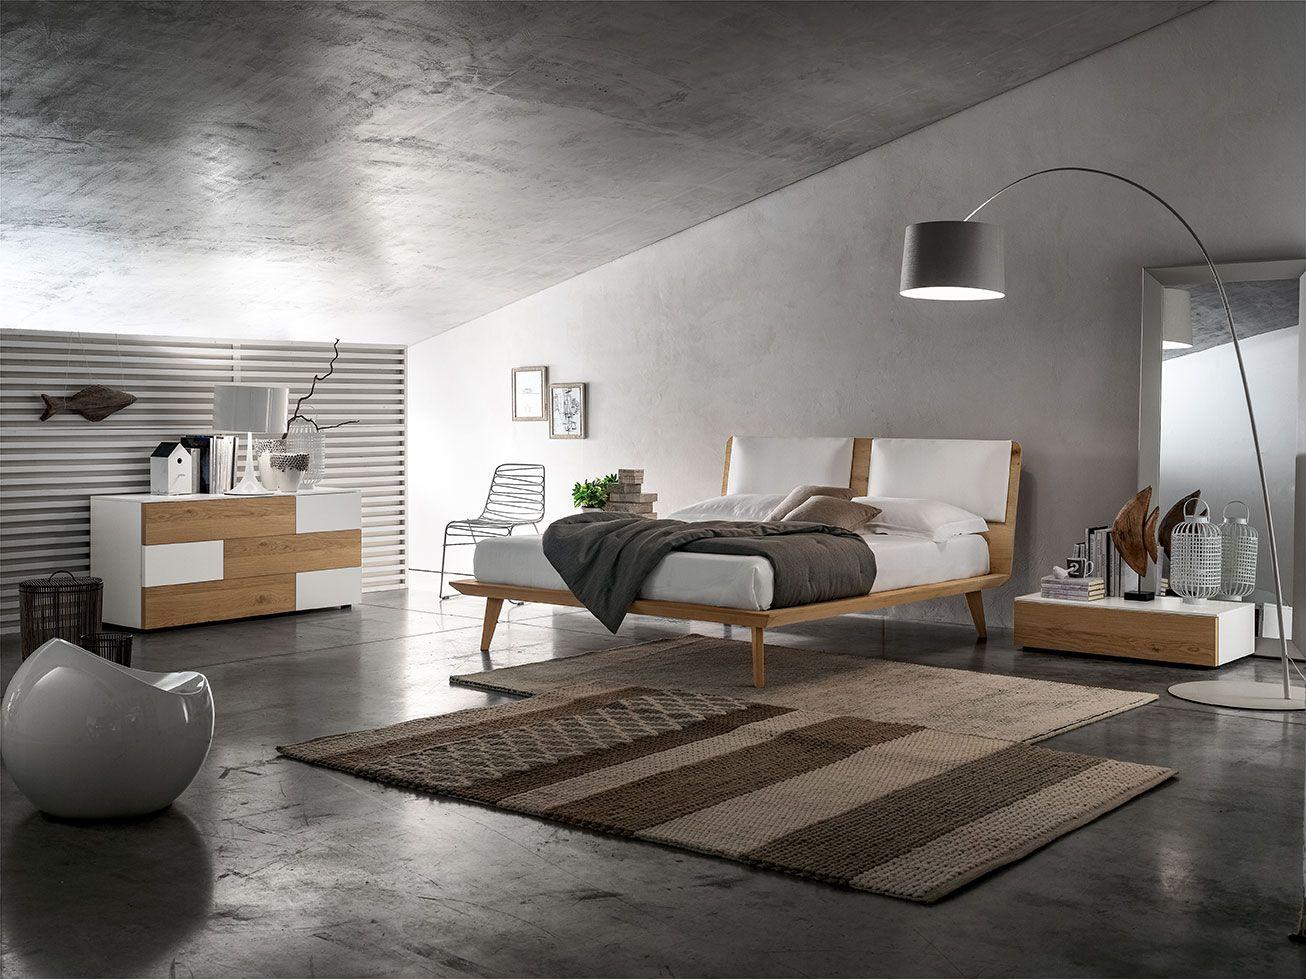 Camera da letto Arredamento, Mobili, Camere